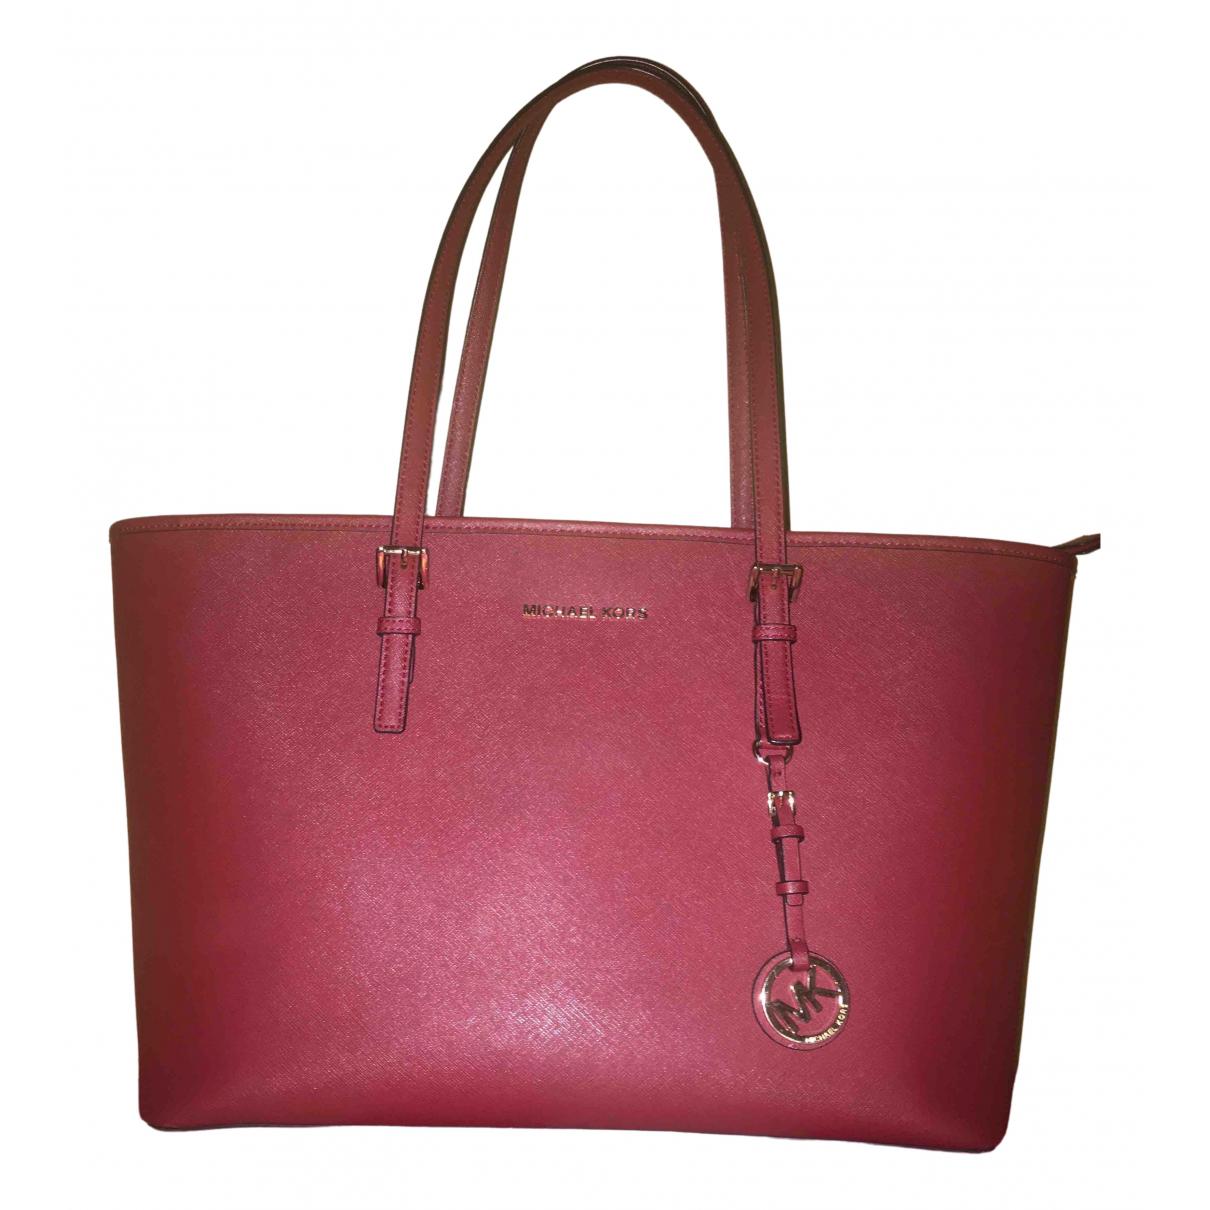 Michael Kors \N Burgundy Leather handbag for Women \N